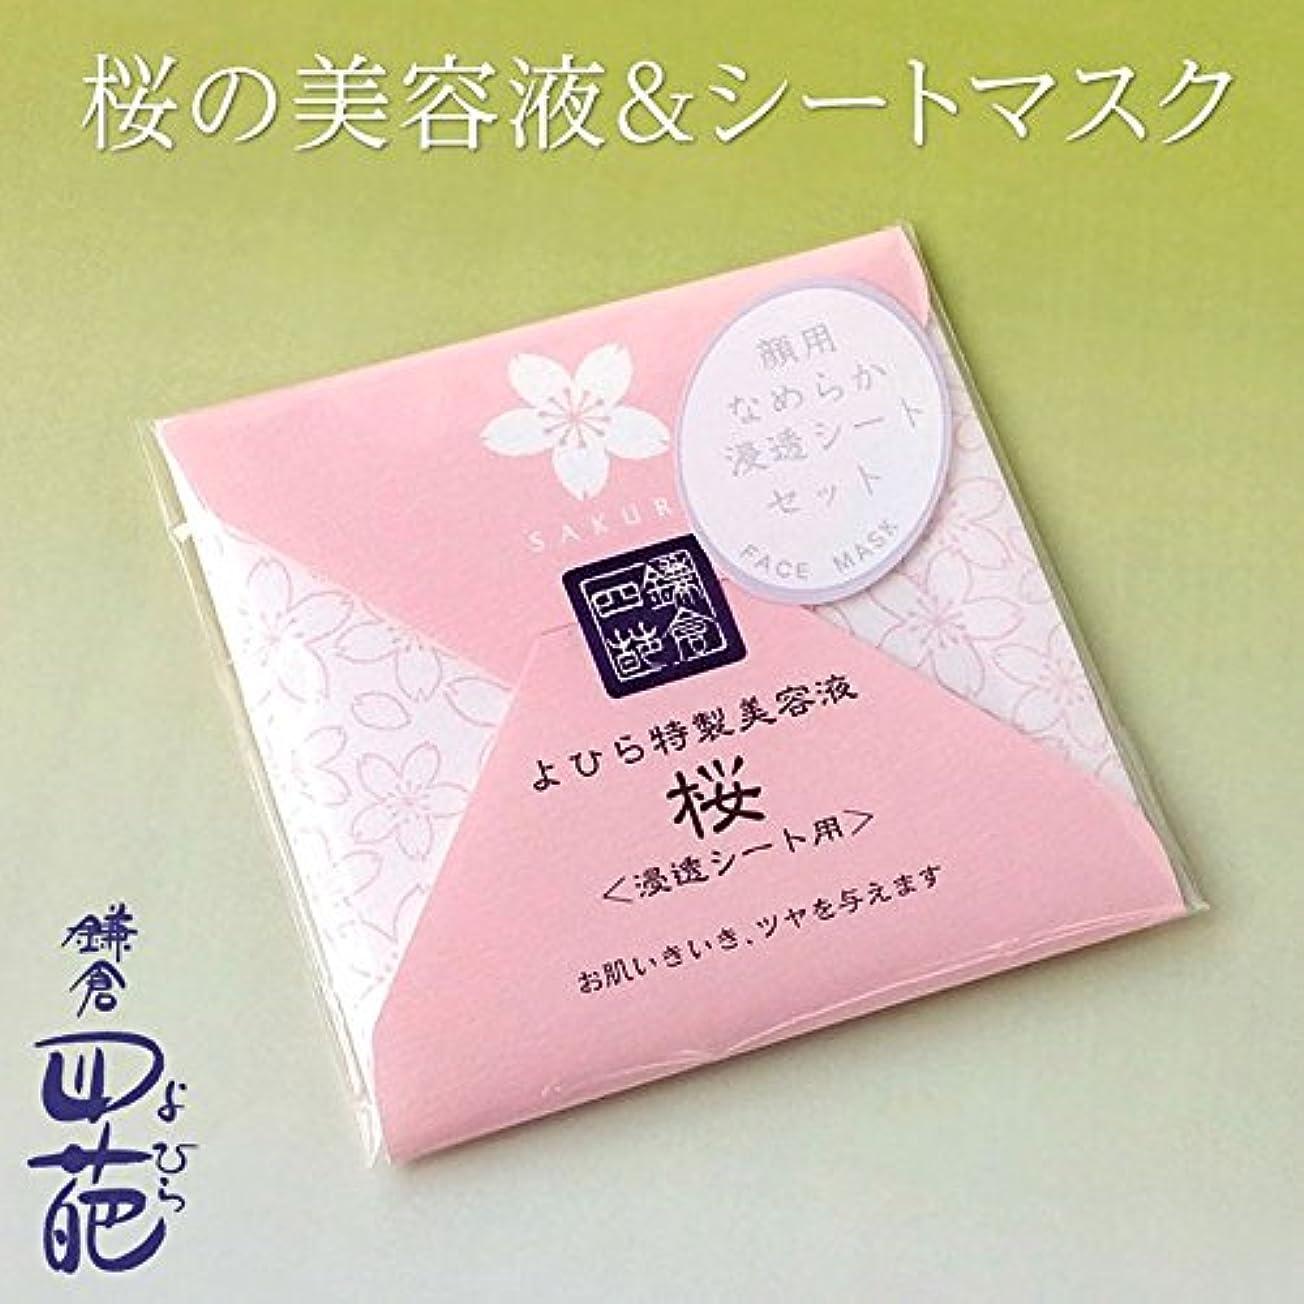 橋脚滑りやすい毛皮桜の美容液&シートマスク